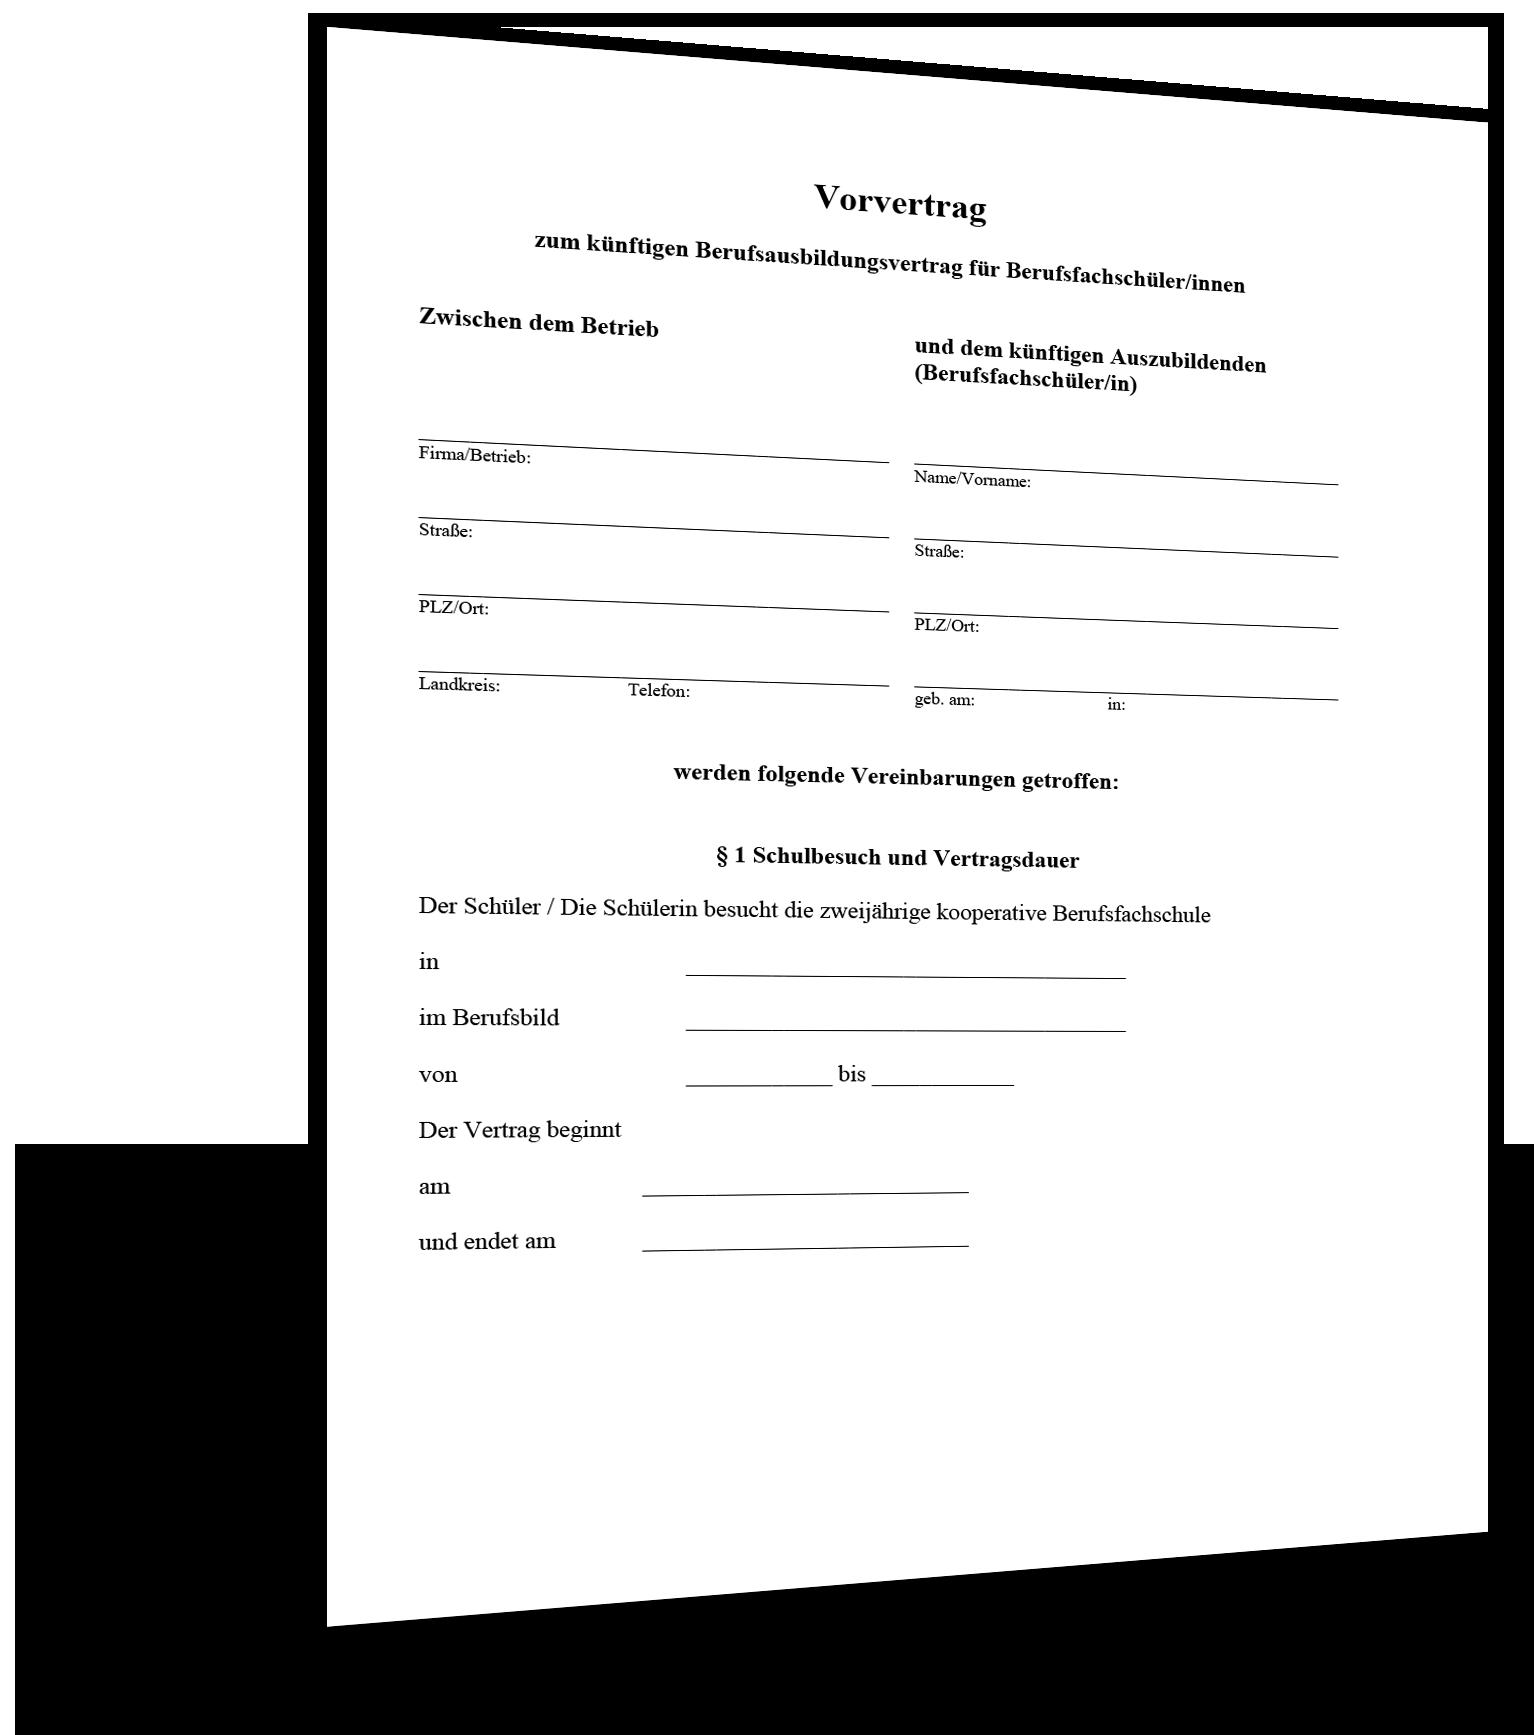 Vorvertrag Berufsausbildung Muster Standardvertraege De